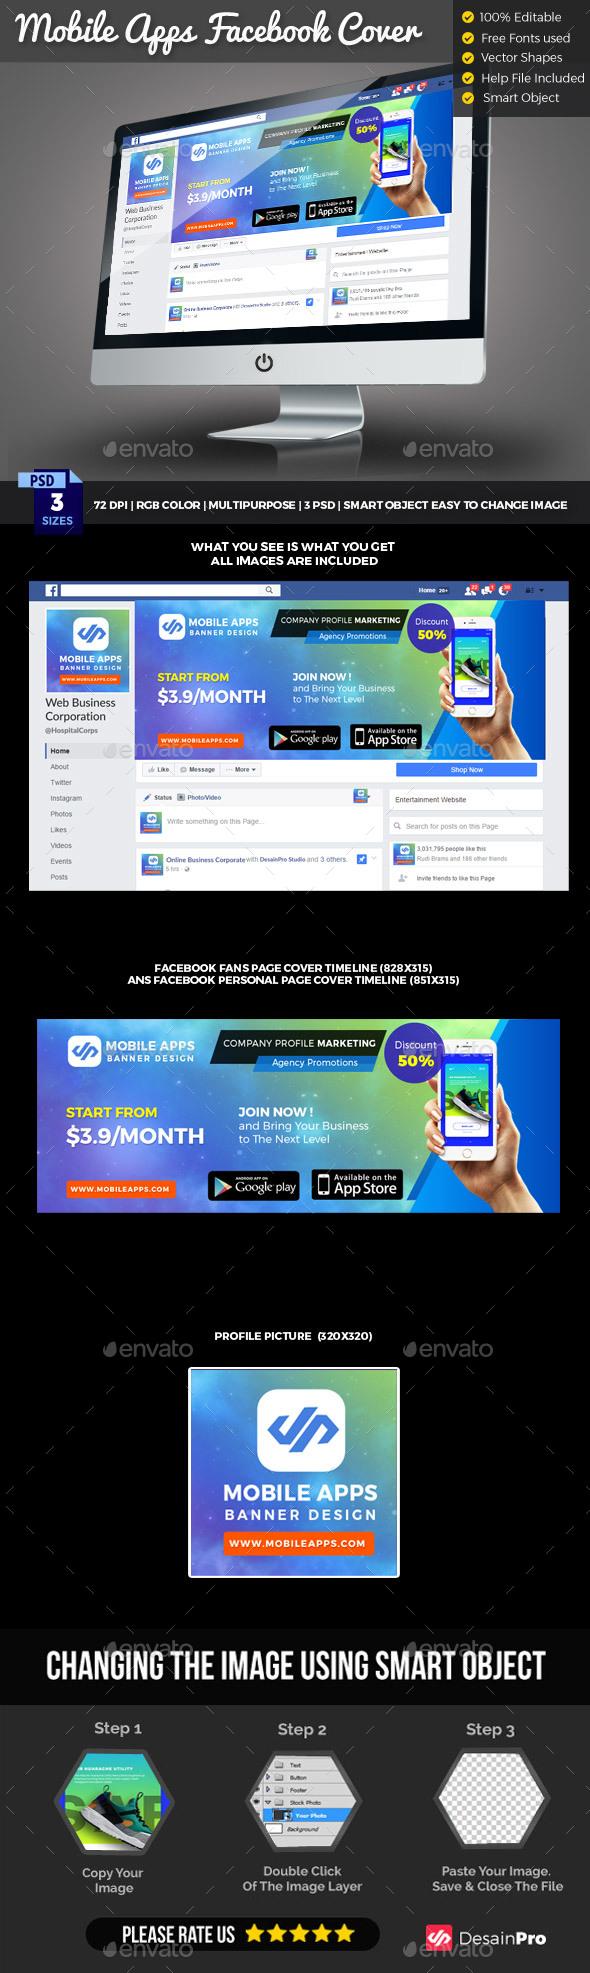 Mobile App Facebook Cover Timeline - Facebook Timeline Covers Social Media